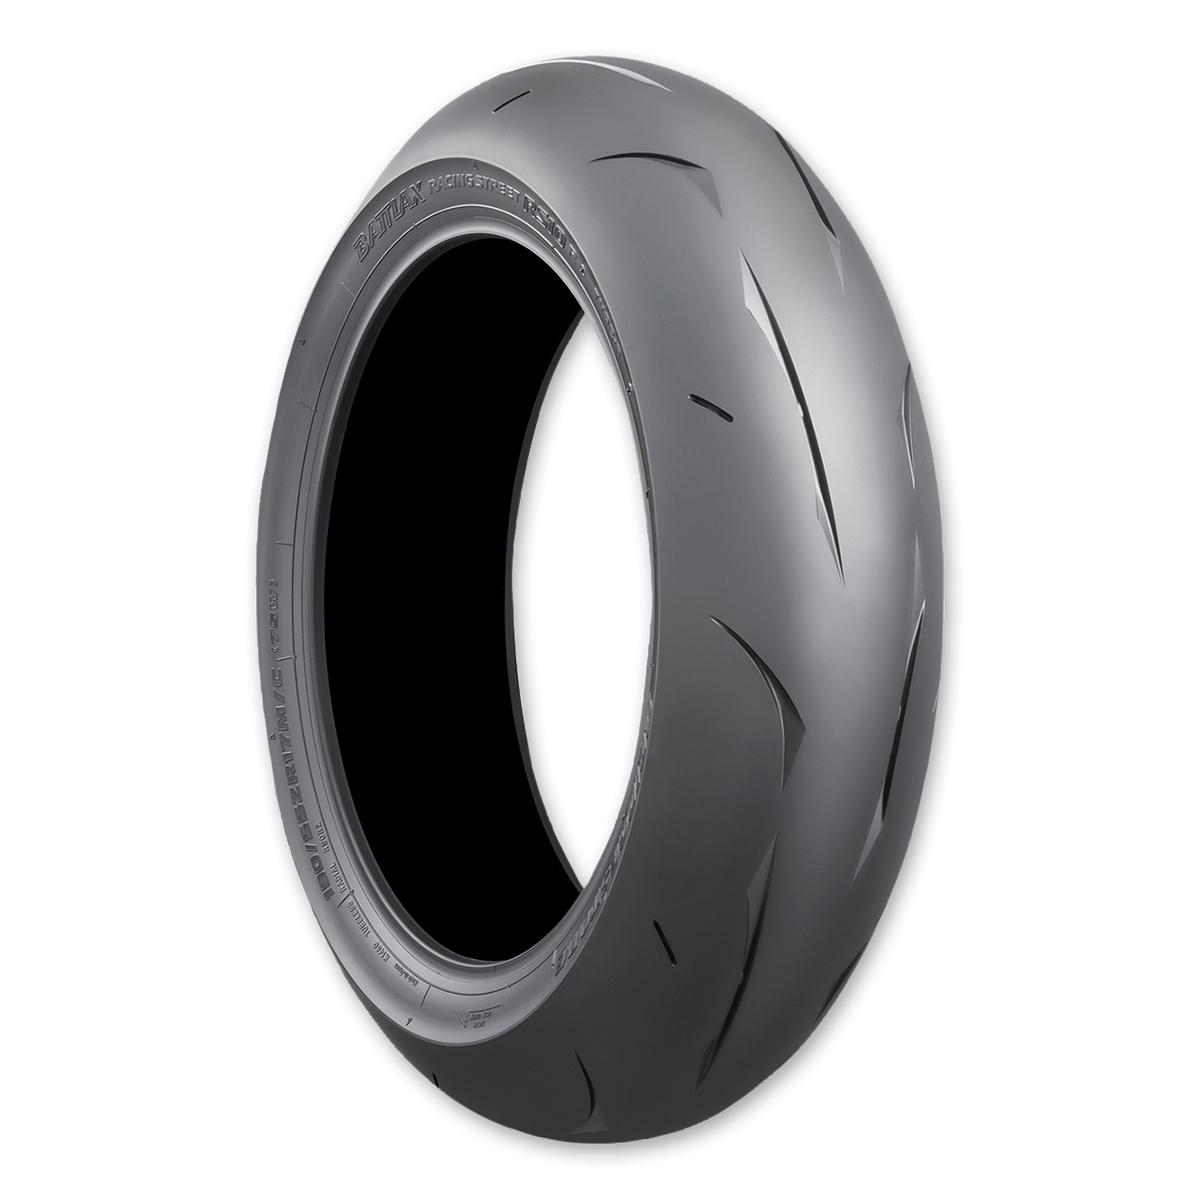 Bridgestone RS10-G 200/55ZR17 Rear Tire